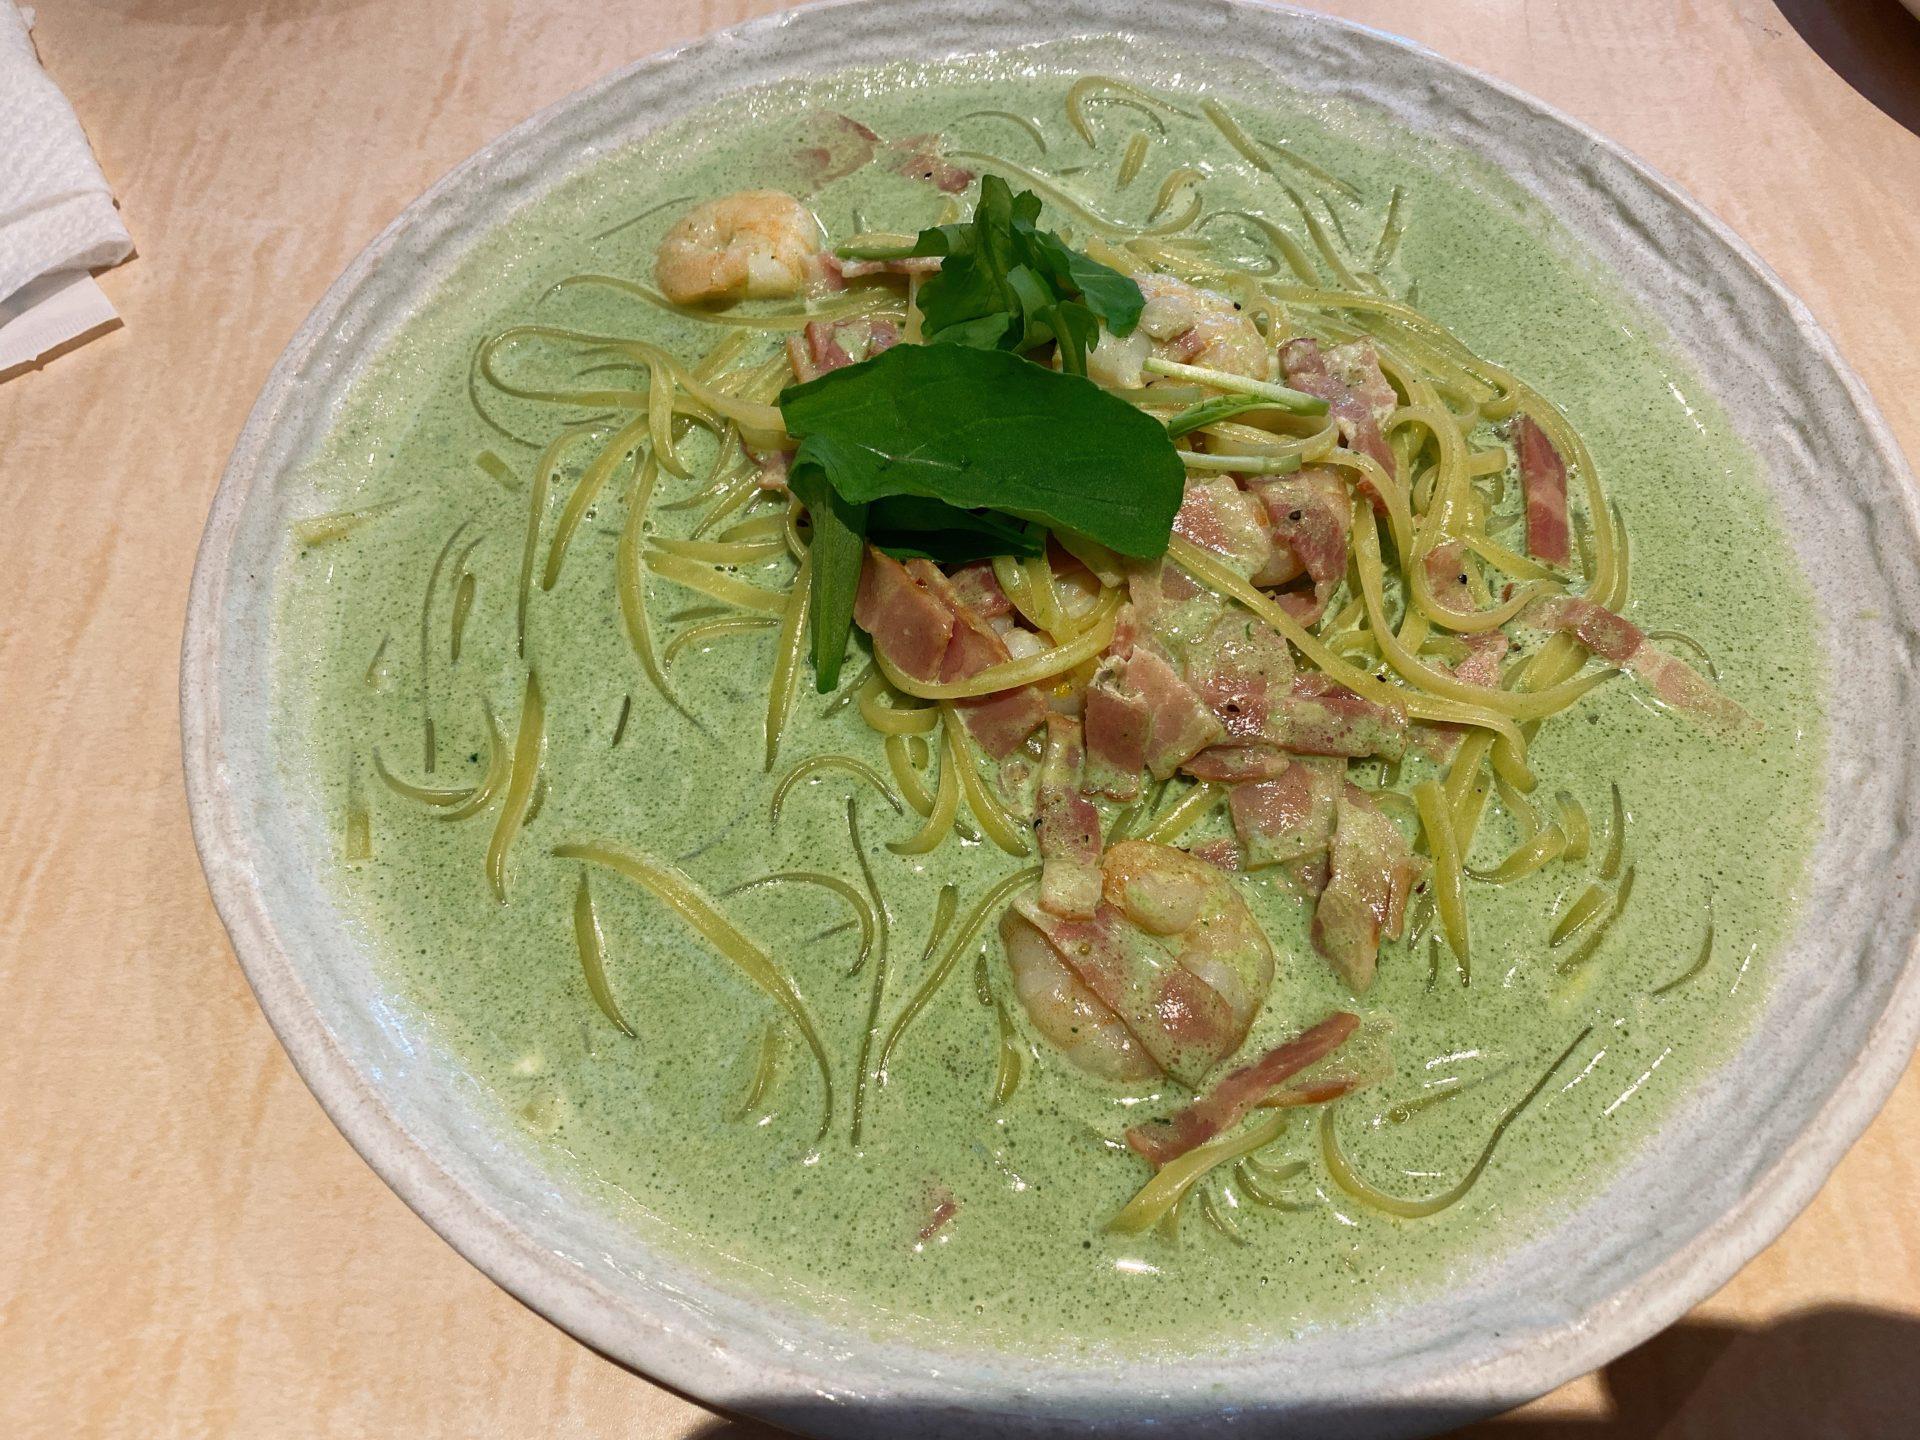 大多羅駅から徒歩5分 イタリアンカフェ ペスカトーレのランチで生パスタ!スープのようなたっぷりソースに食欲アップ!